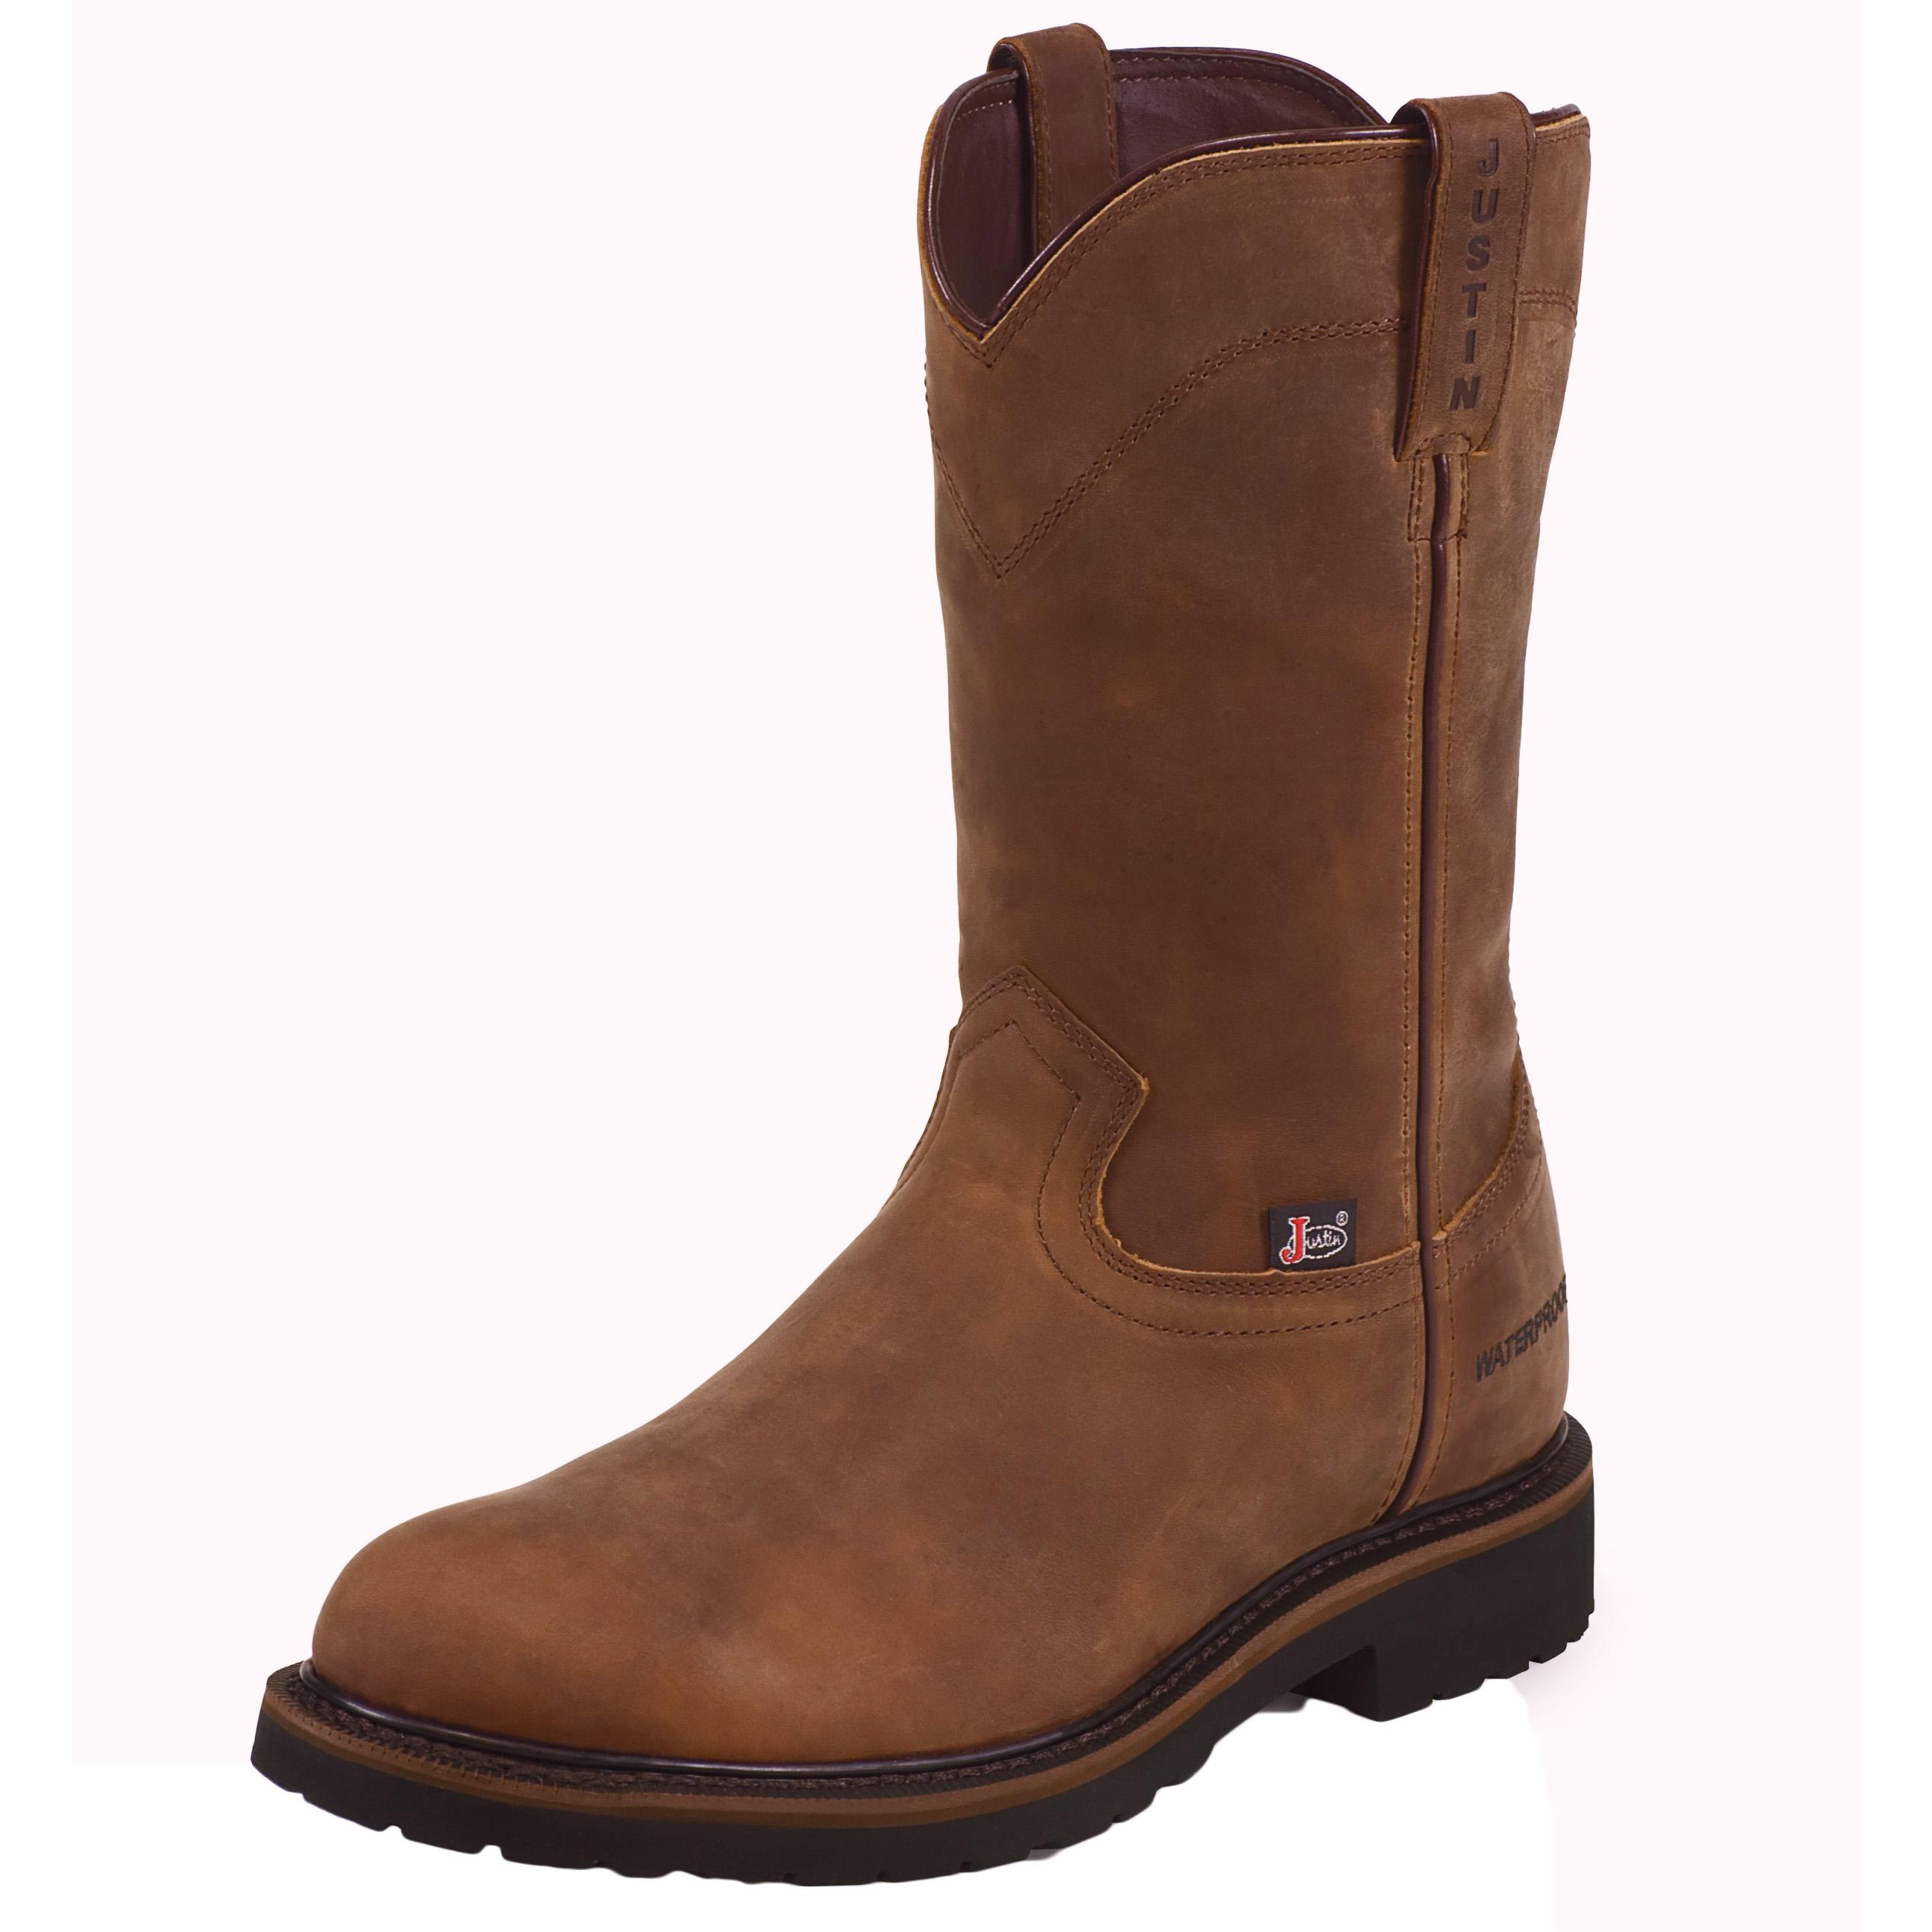 Wyoming Waterproof Work Boot